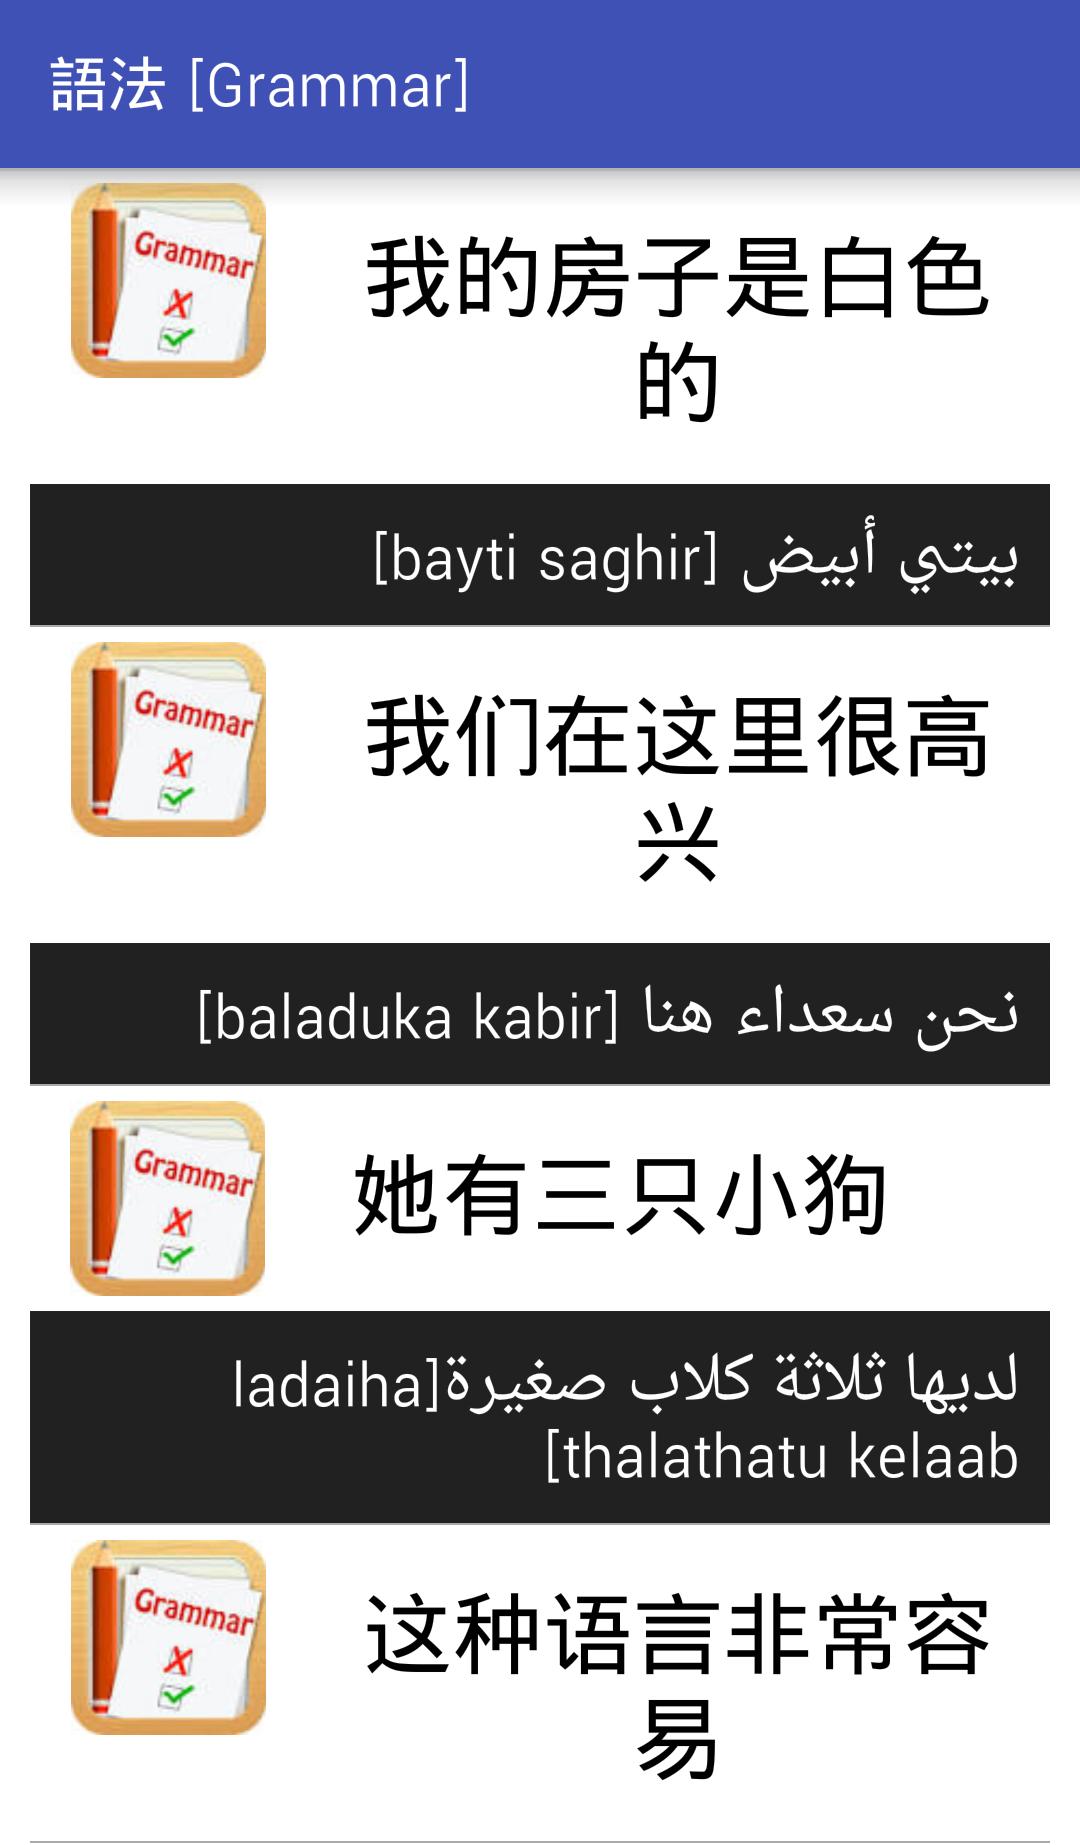 阿拉伯语易-应用截图